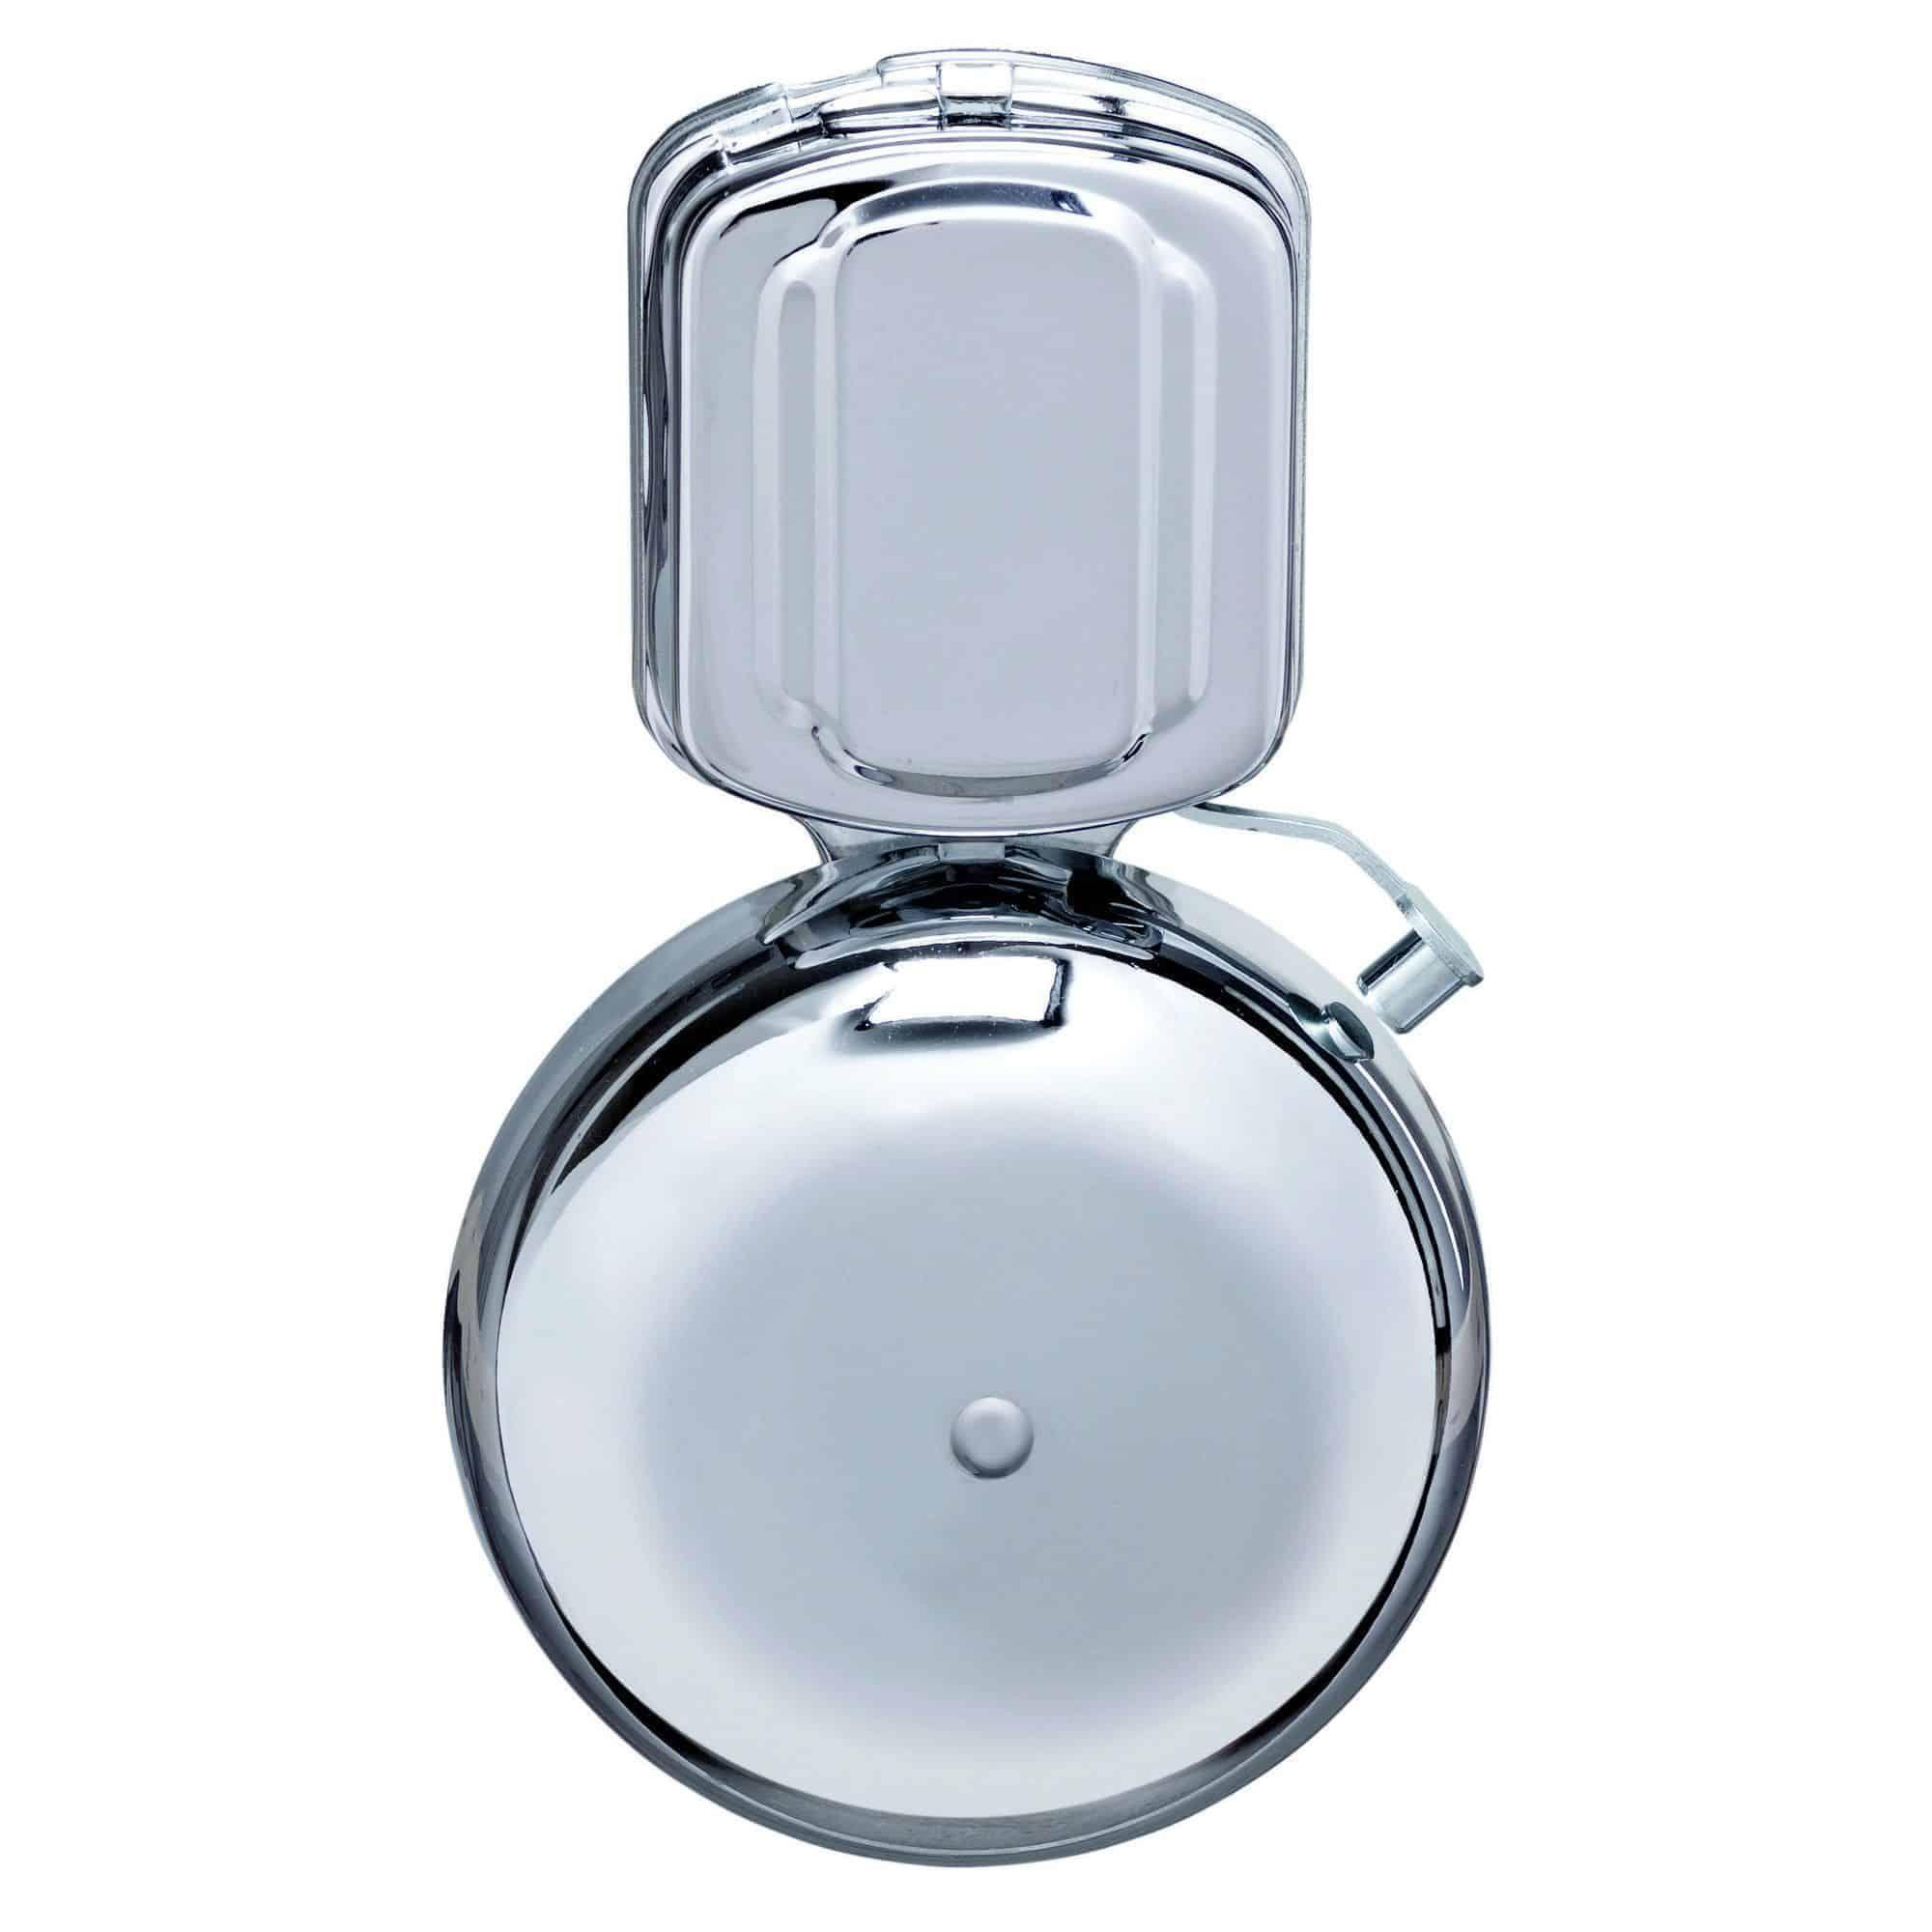 Carlon Dh920 12v Dc All Purpose Enclosed Buzzer Bell Buzzer In 2020 Doorbell Button Buzzer Doorbell